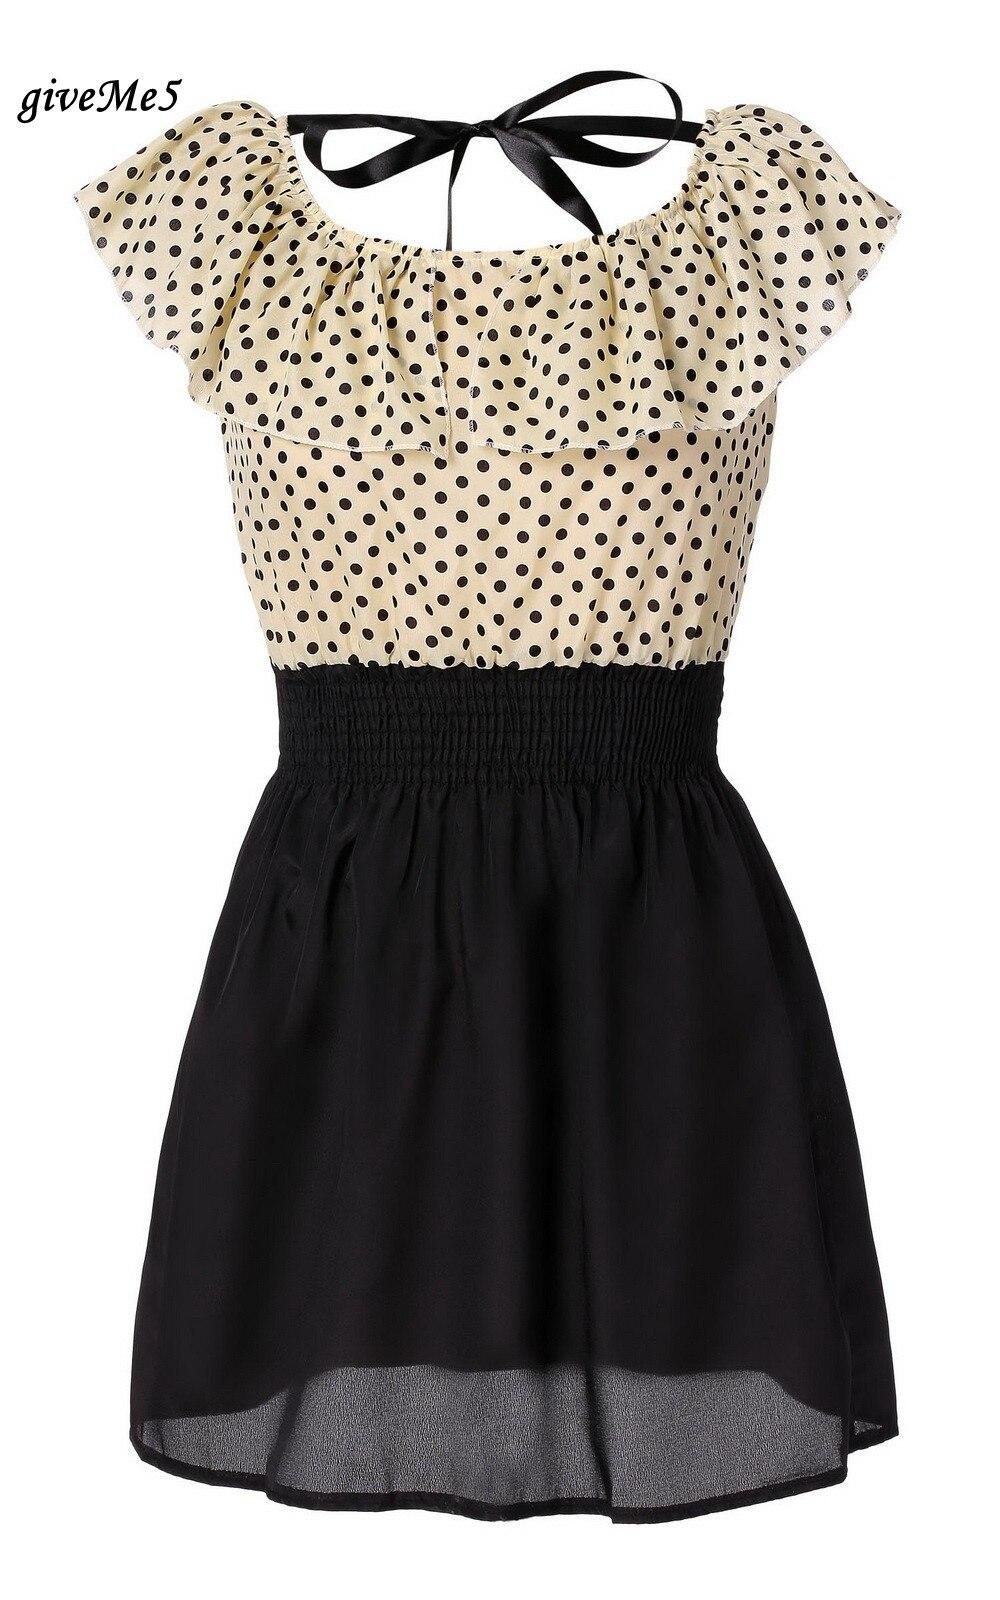 436c35dd28c3a 2013 Sıcak Satış Kore Yeni Moda Kadınlar Yaz Elbise Puantiyeler Kısa kollu  Şifon Elbise 38